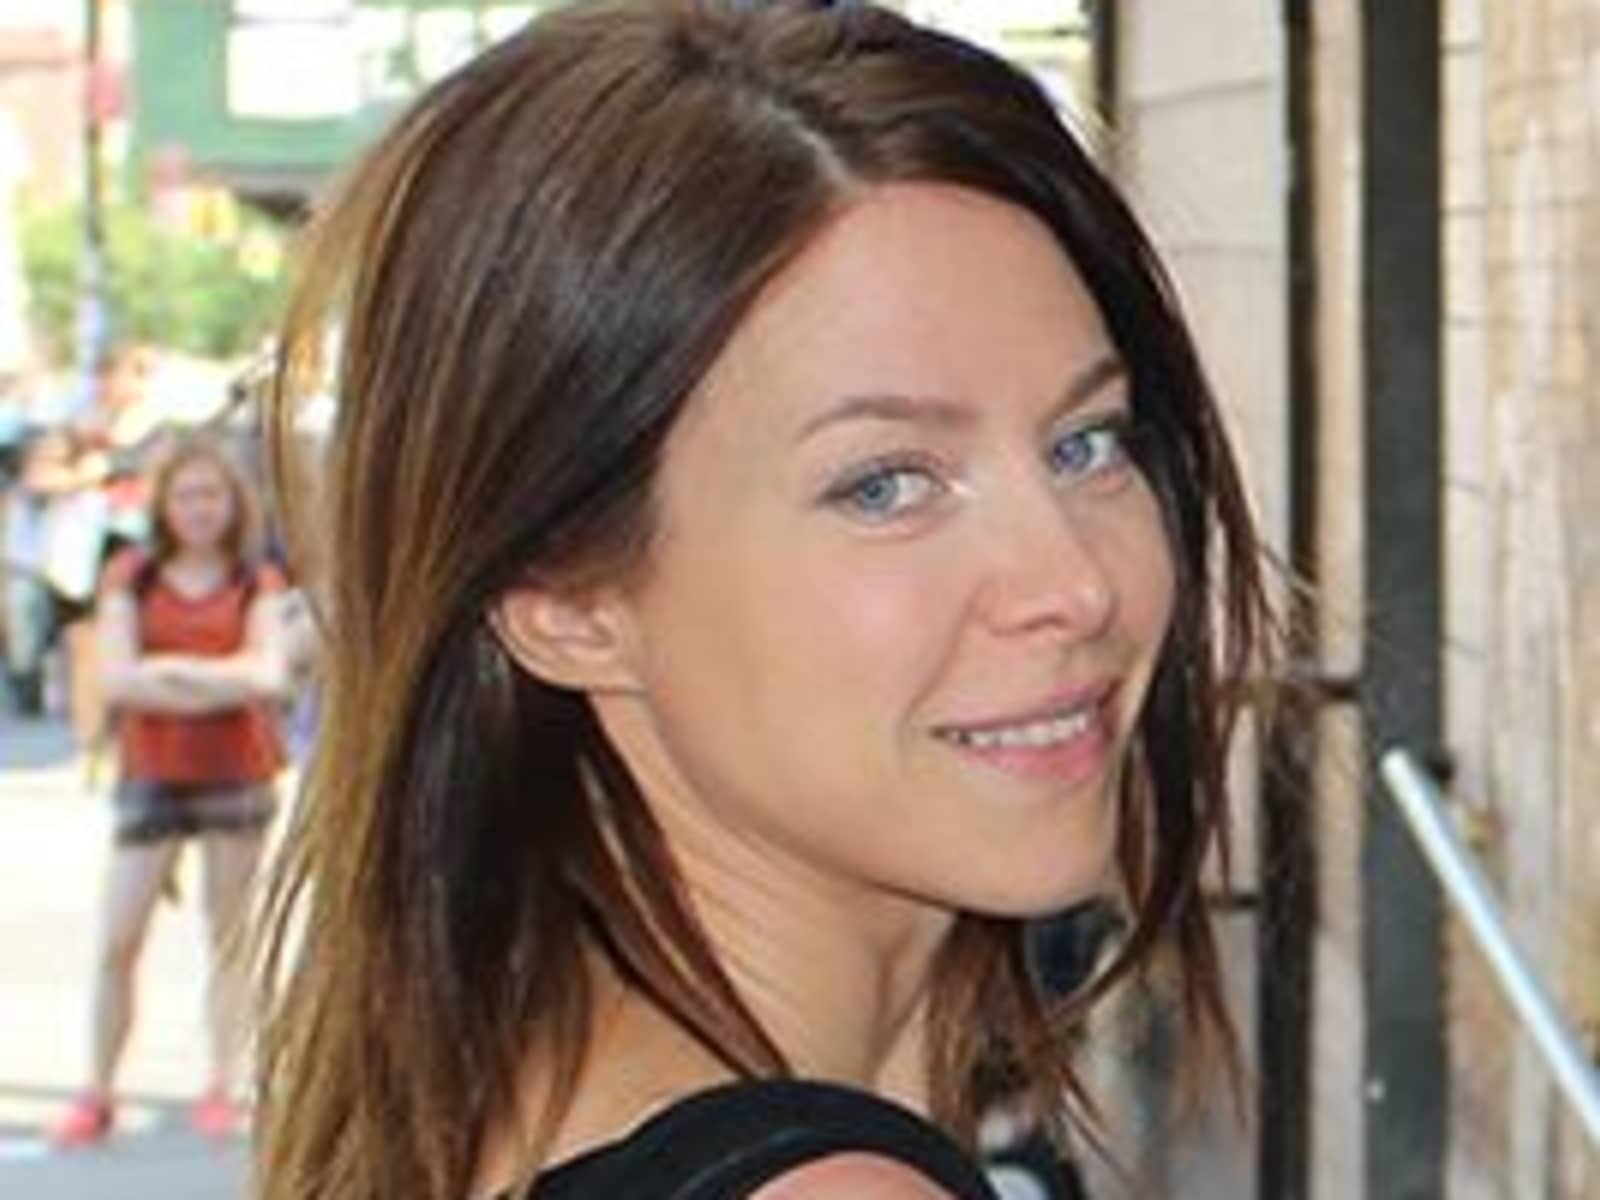 Laura from Treviso, Italy